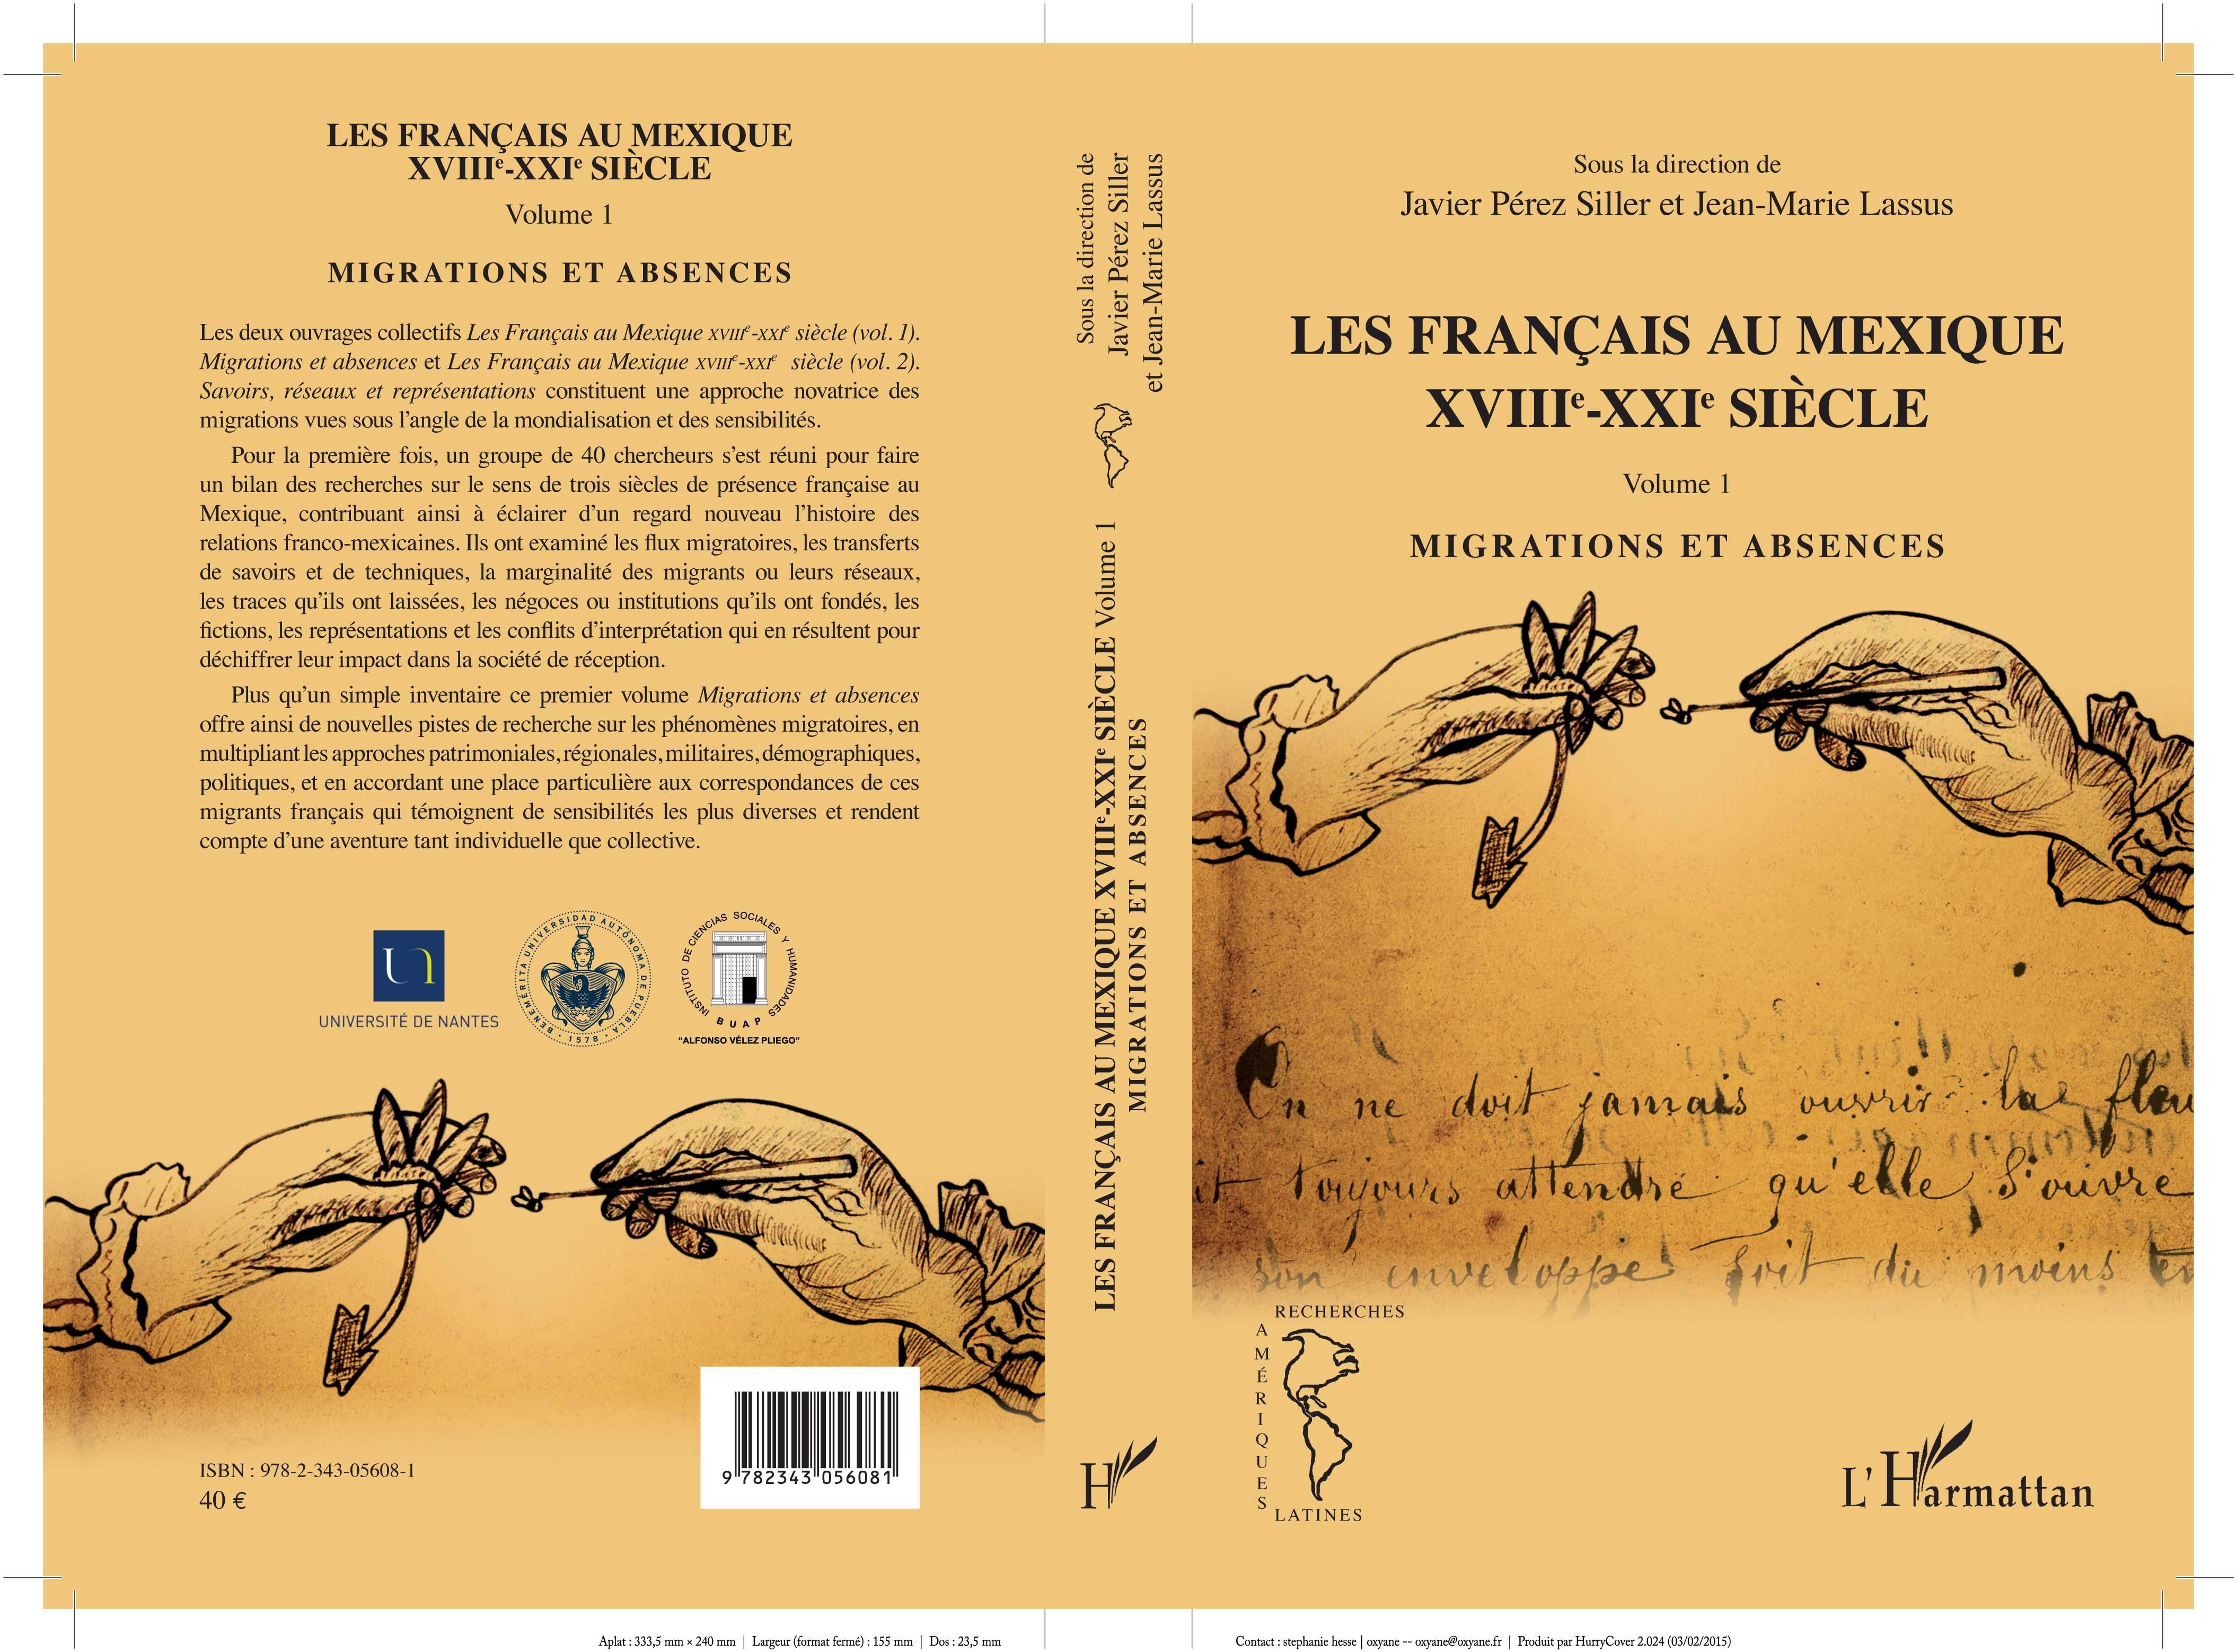 Publication de l'ouvrage Les Français au Mexique XVIIIe-XXIe siècle